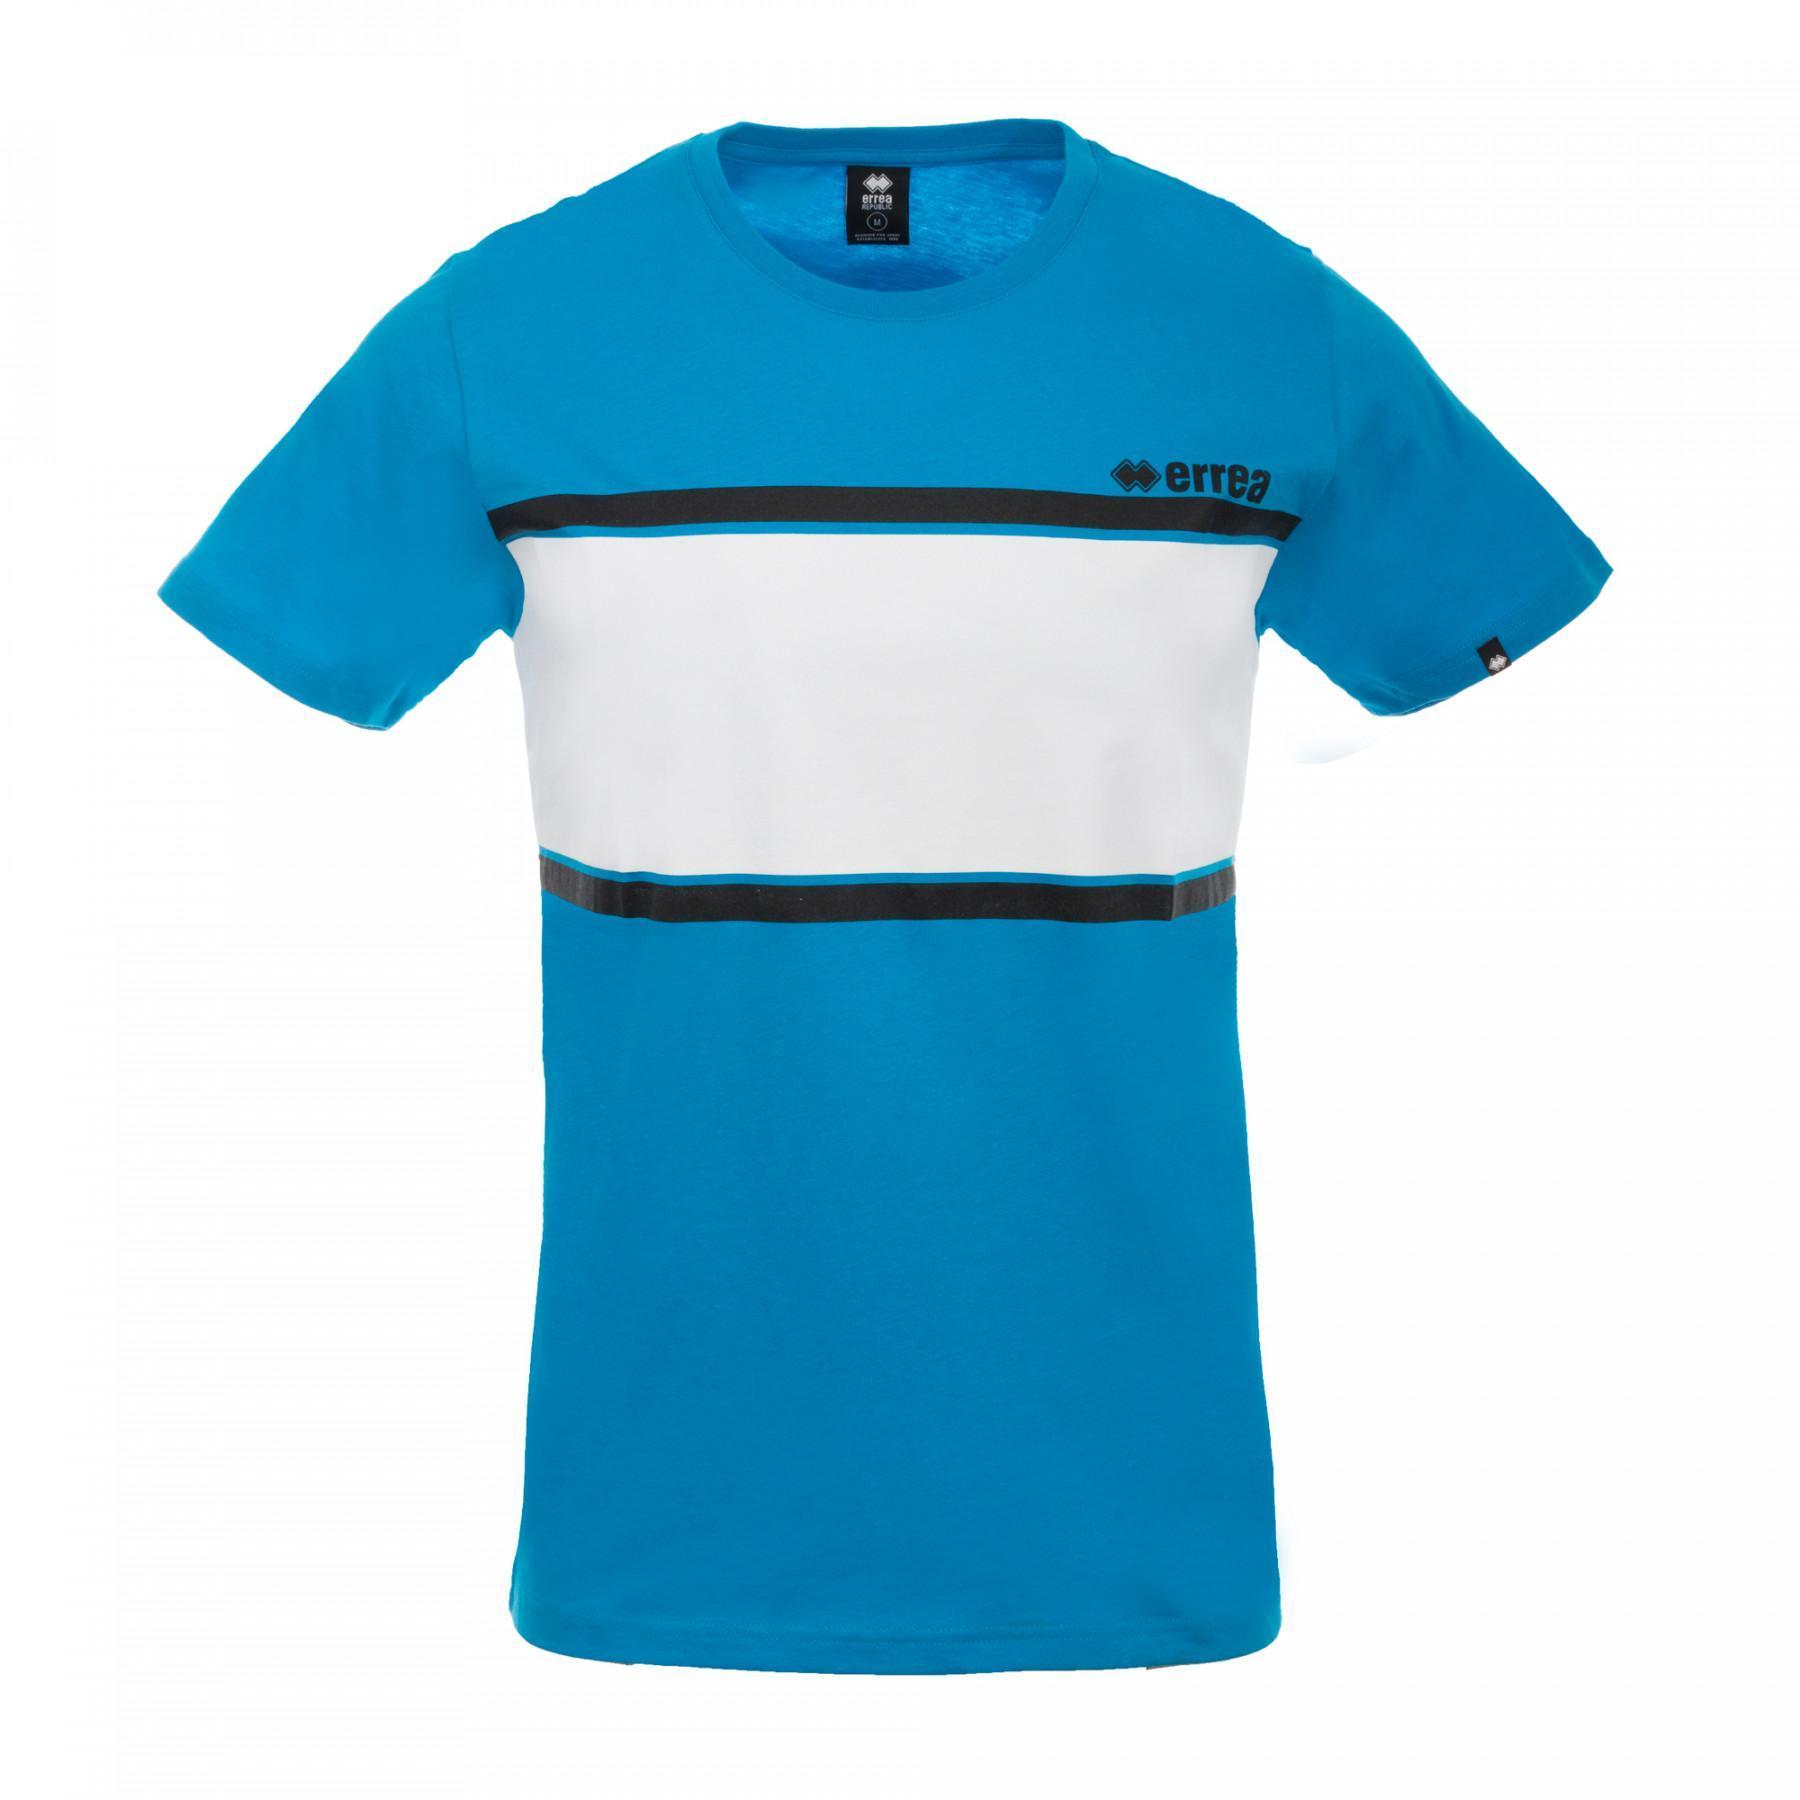 T-shirt Errea sport fusion colour block ad